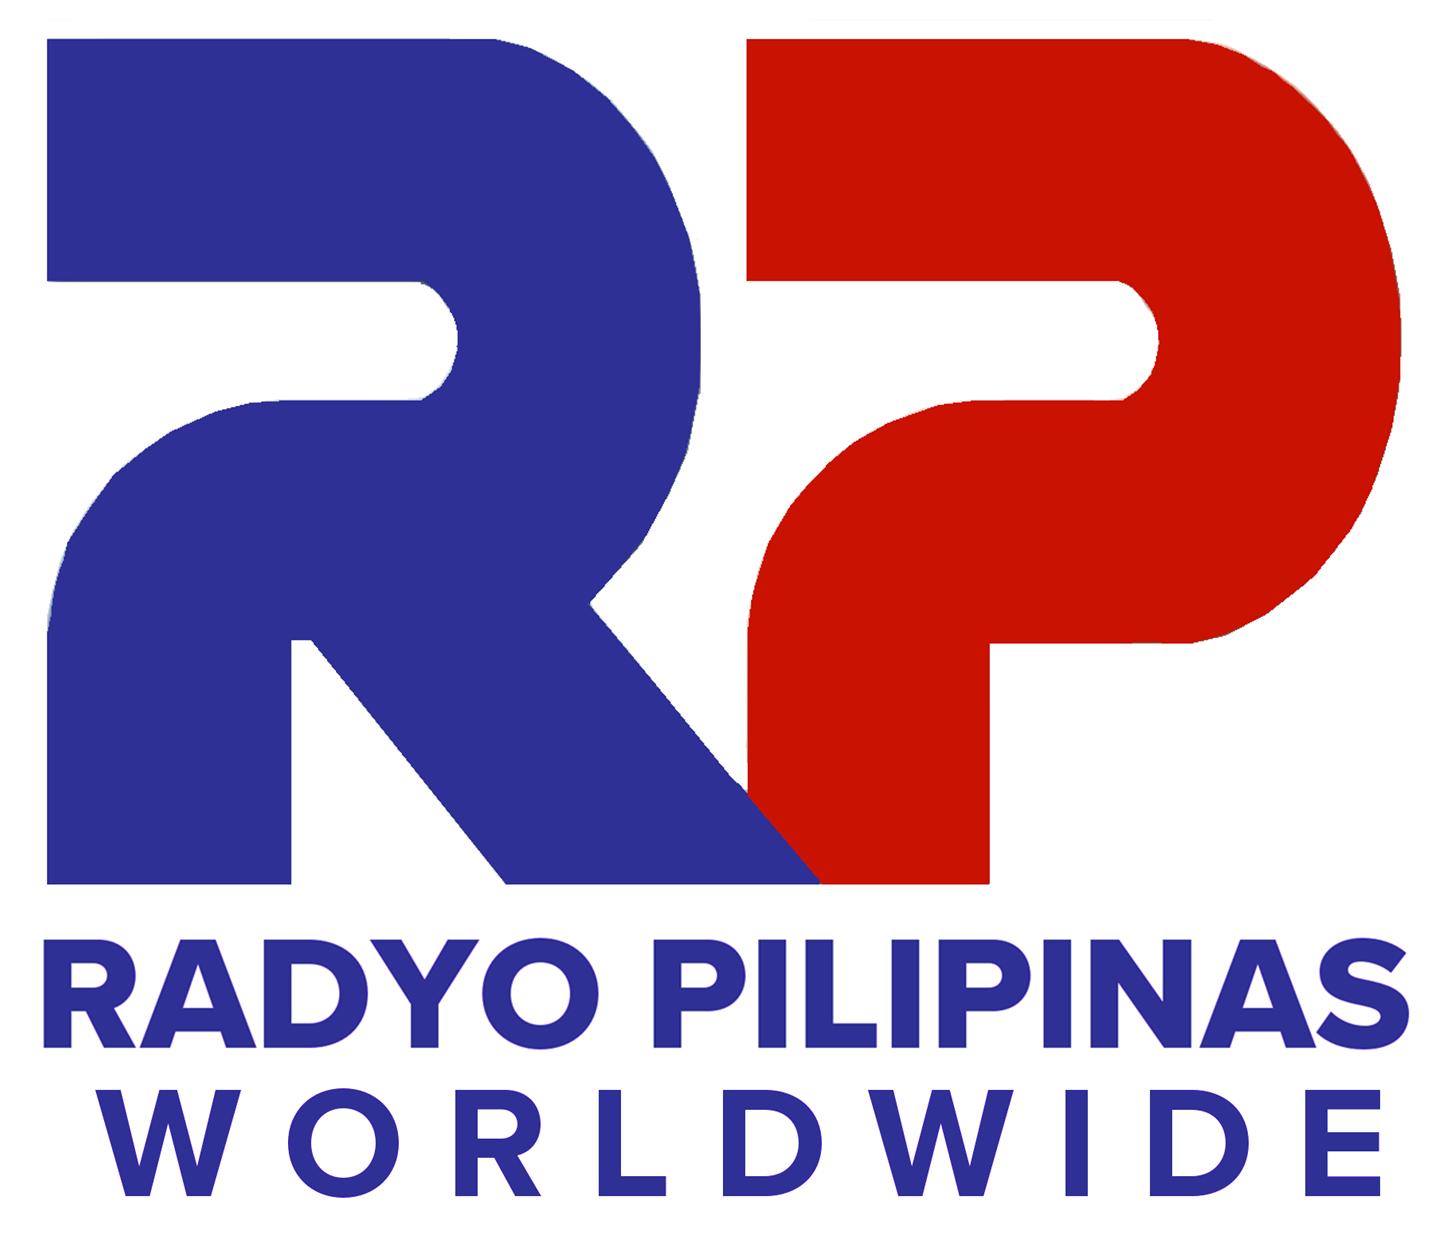 RP-RADYO-PILIPINAS-WORLDWIDE-LOGO-2017.png